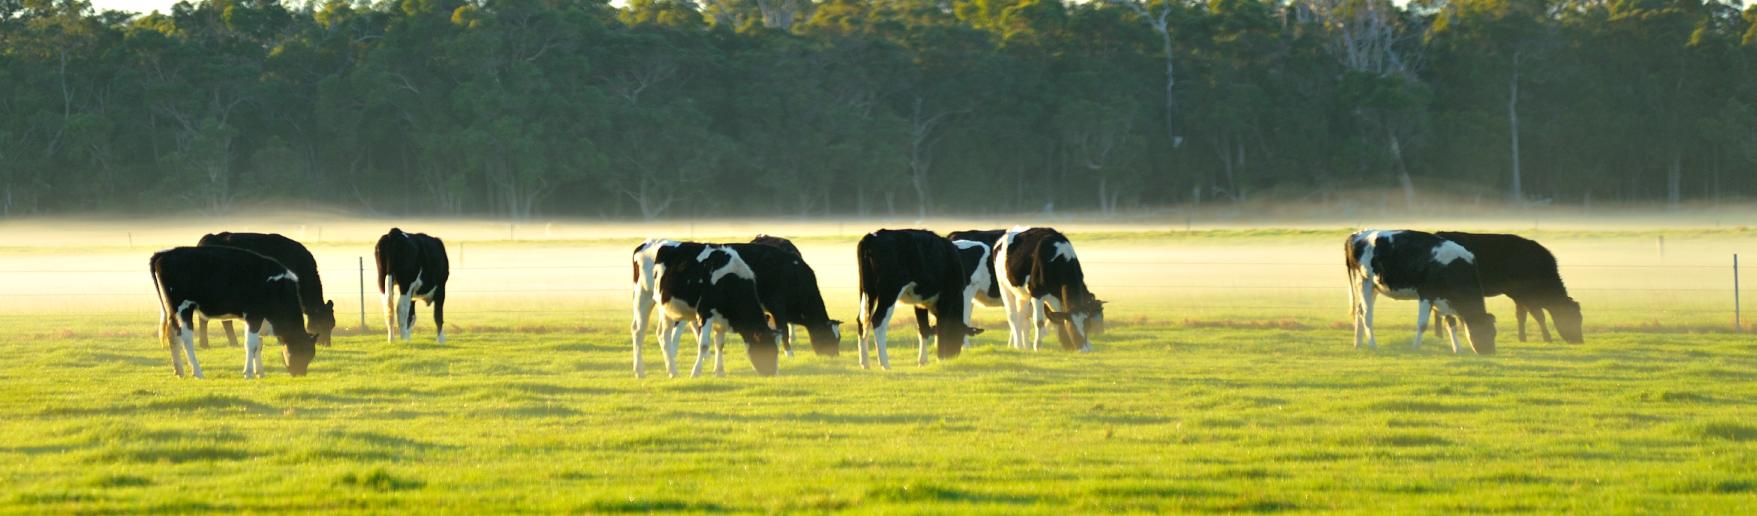 Cetose em rebanhos: doença comum no gado leiteiro de alta produção